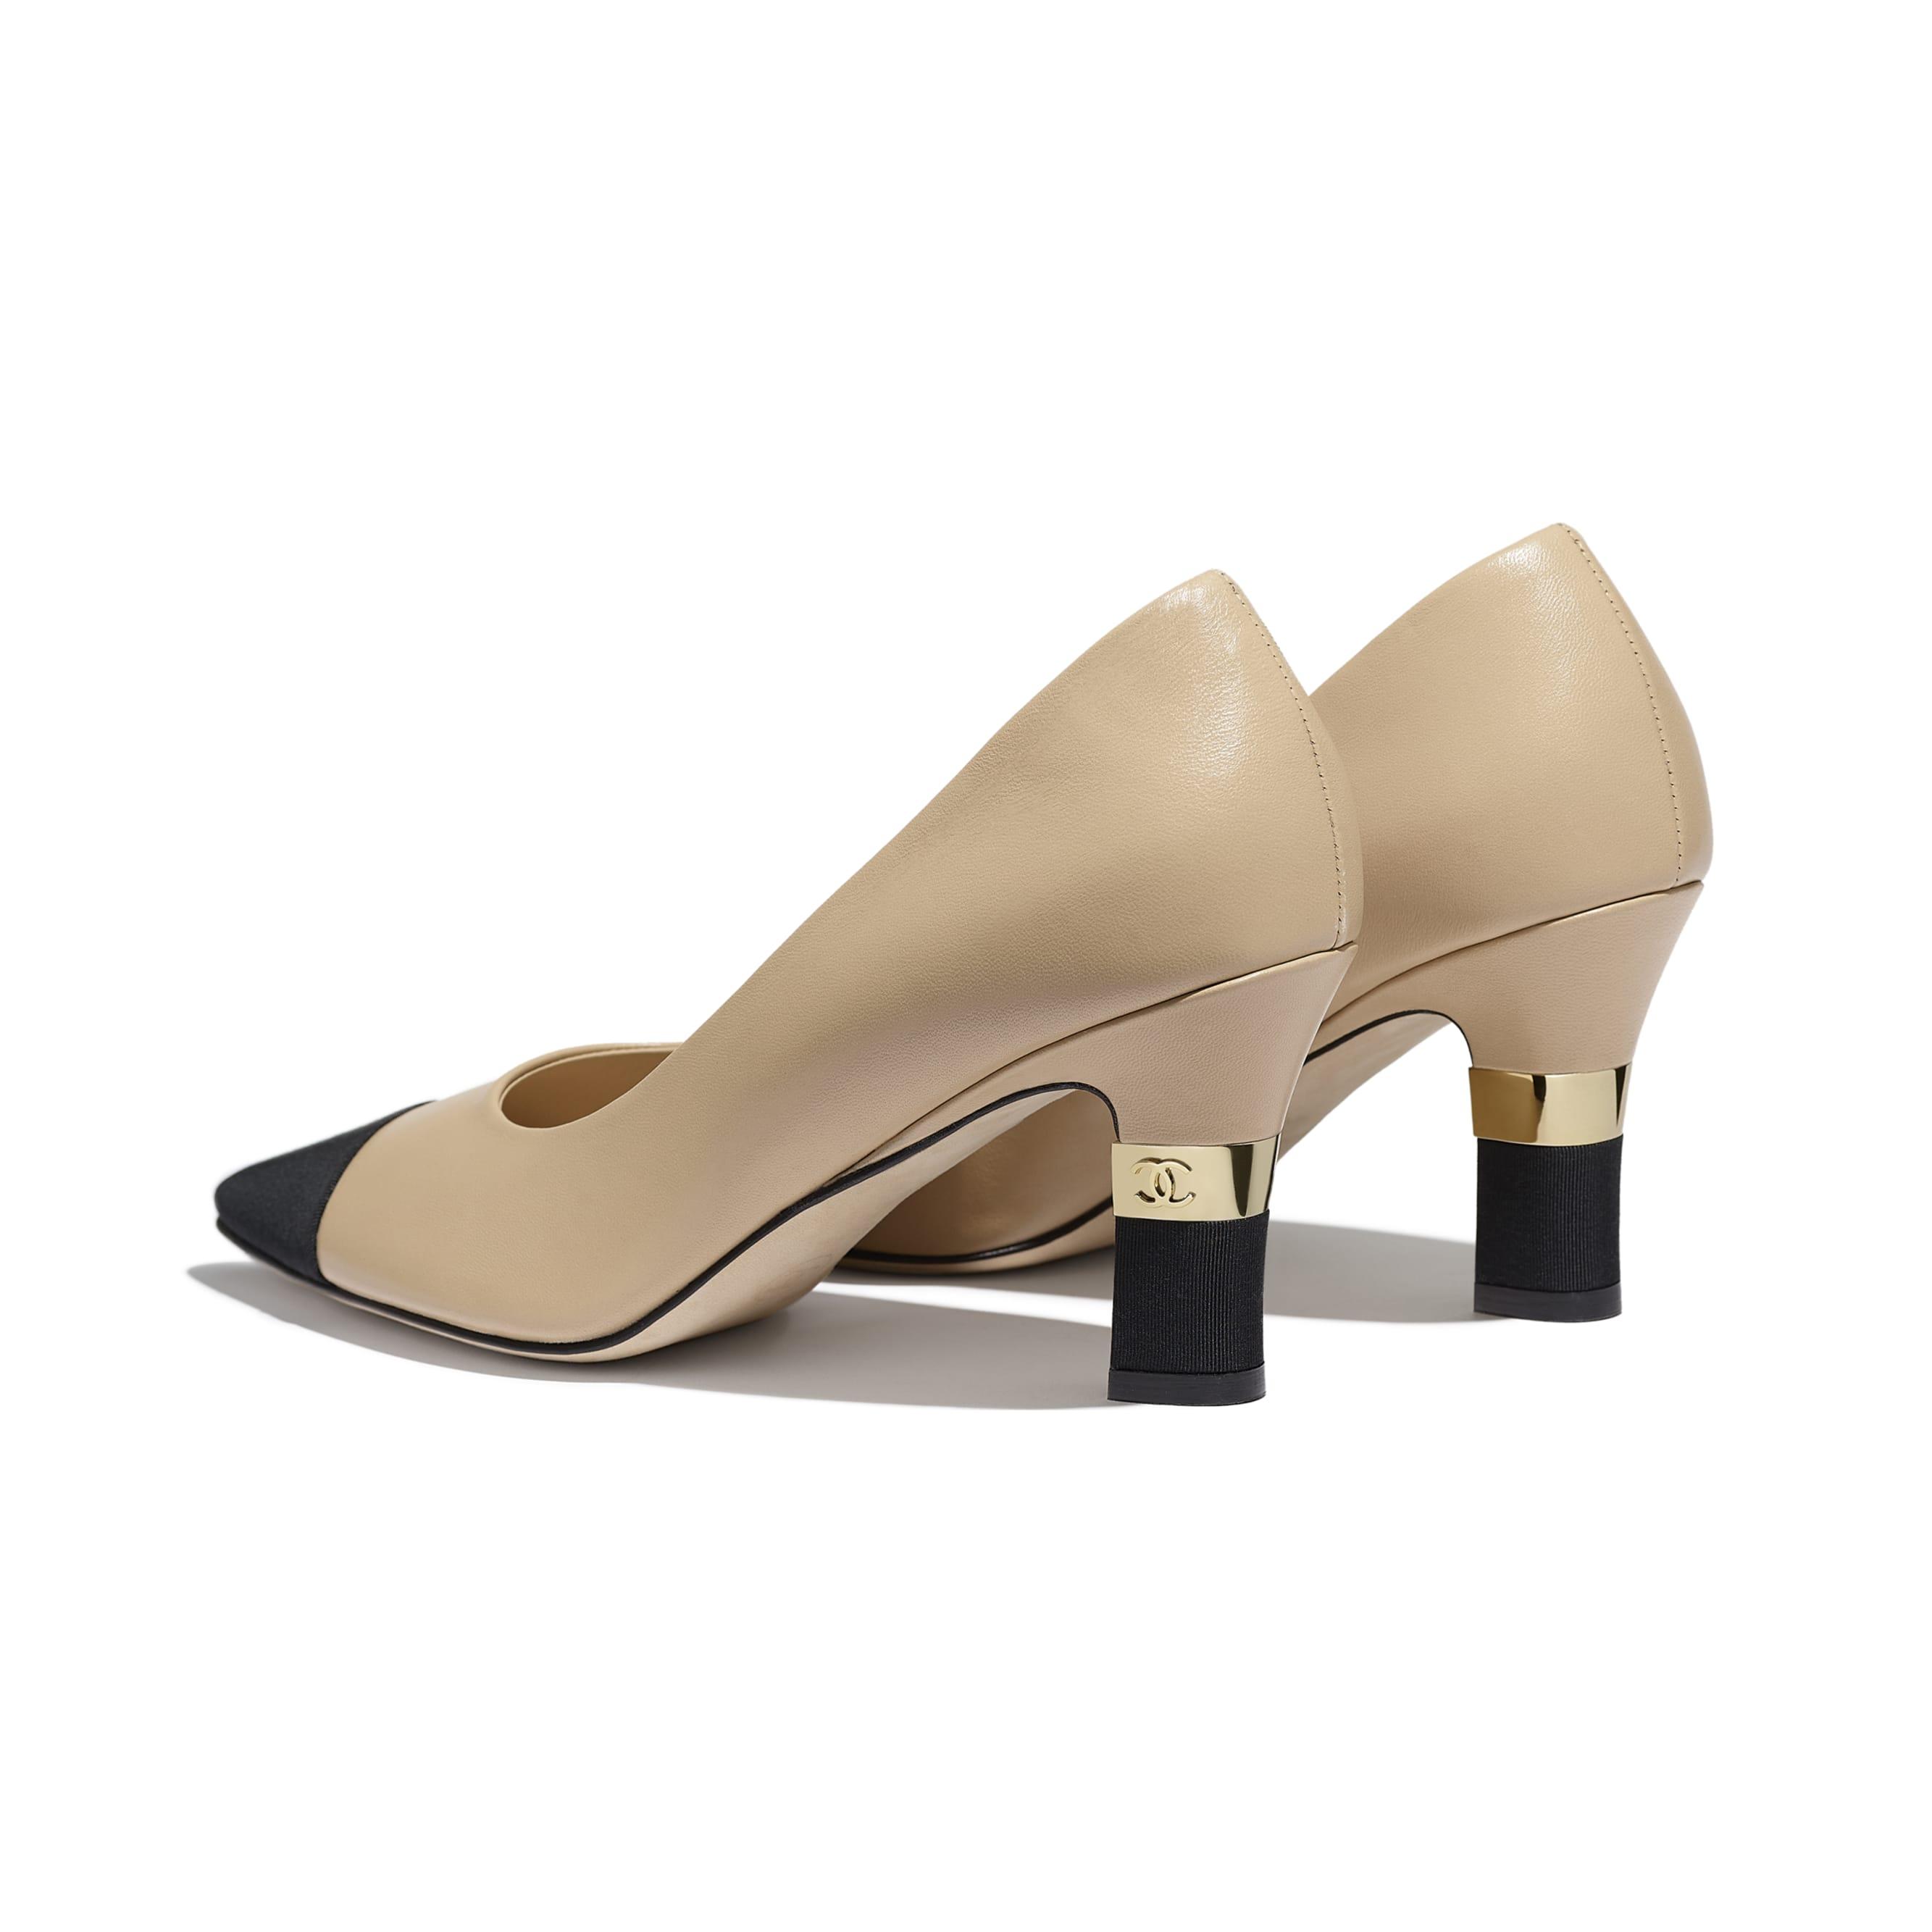 Туфли-лодочки - Бежевый и черный - Кожа ягненка и шелковая ткань - Другое изображение - посмотреть изображение стандартного размера